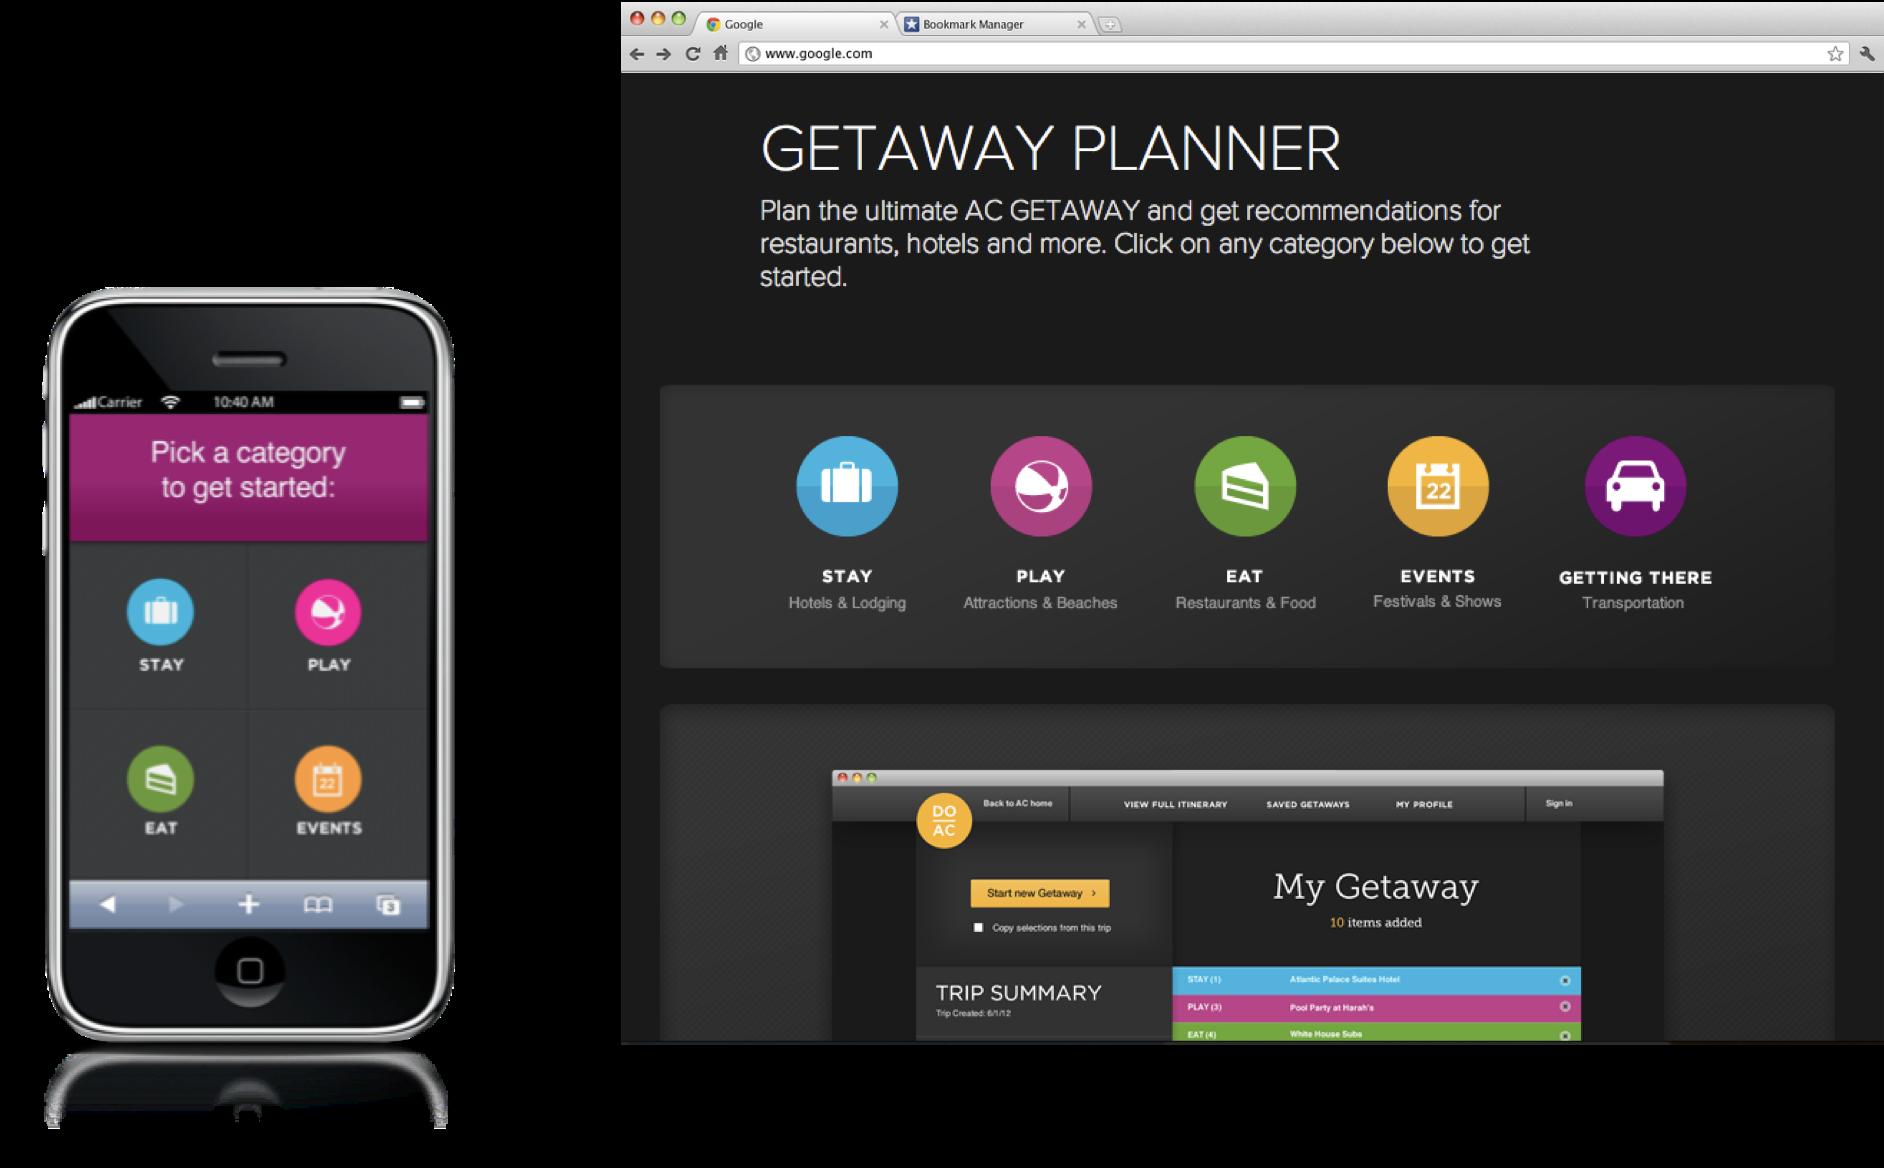 Hero shots of the Getaway Planner mobile and desktop sites